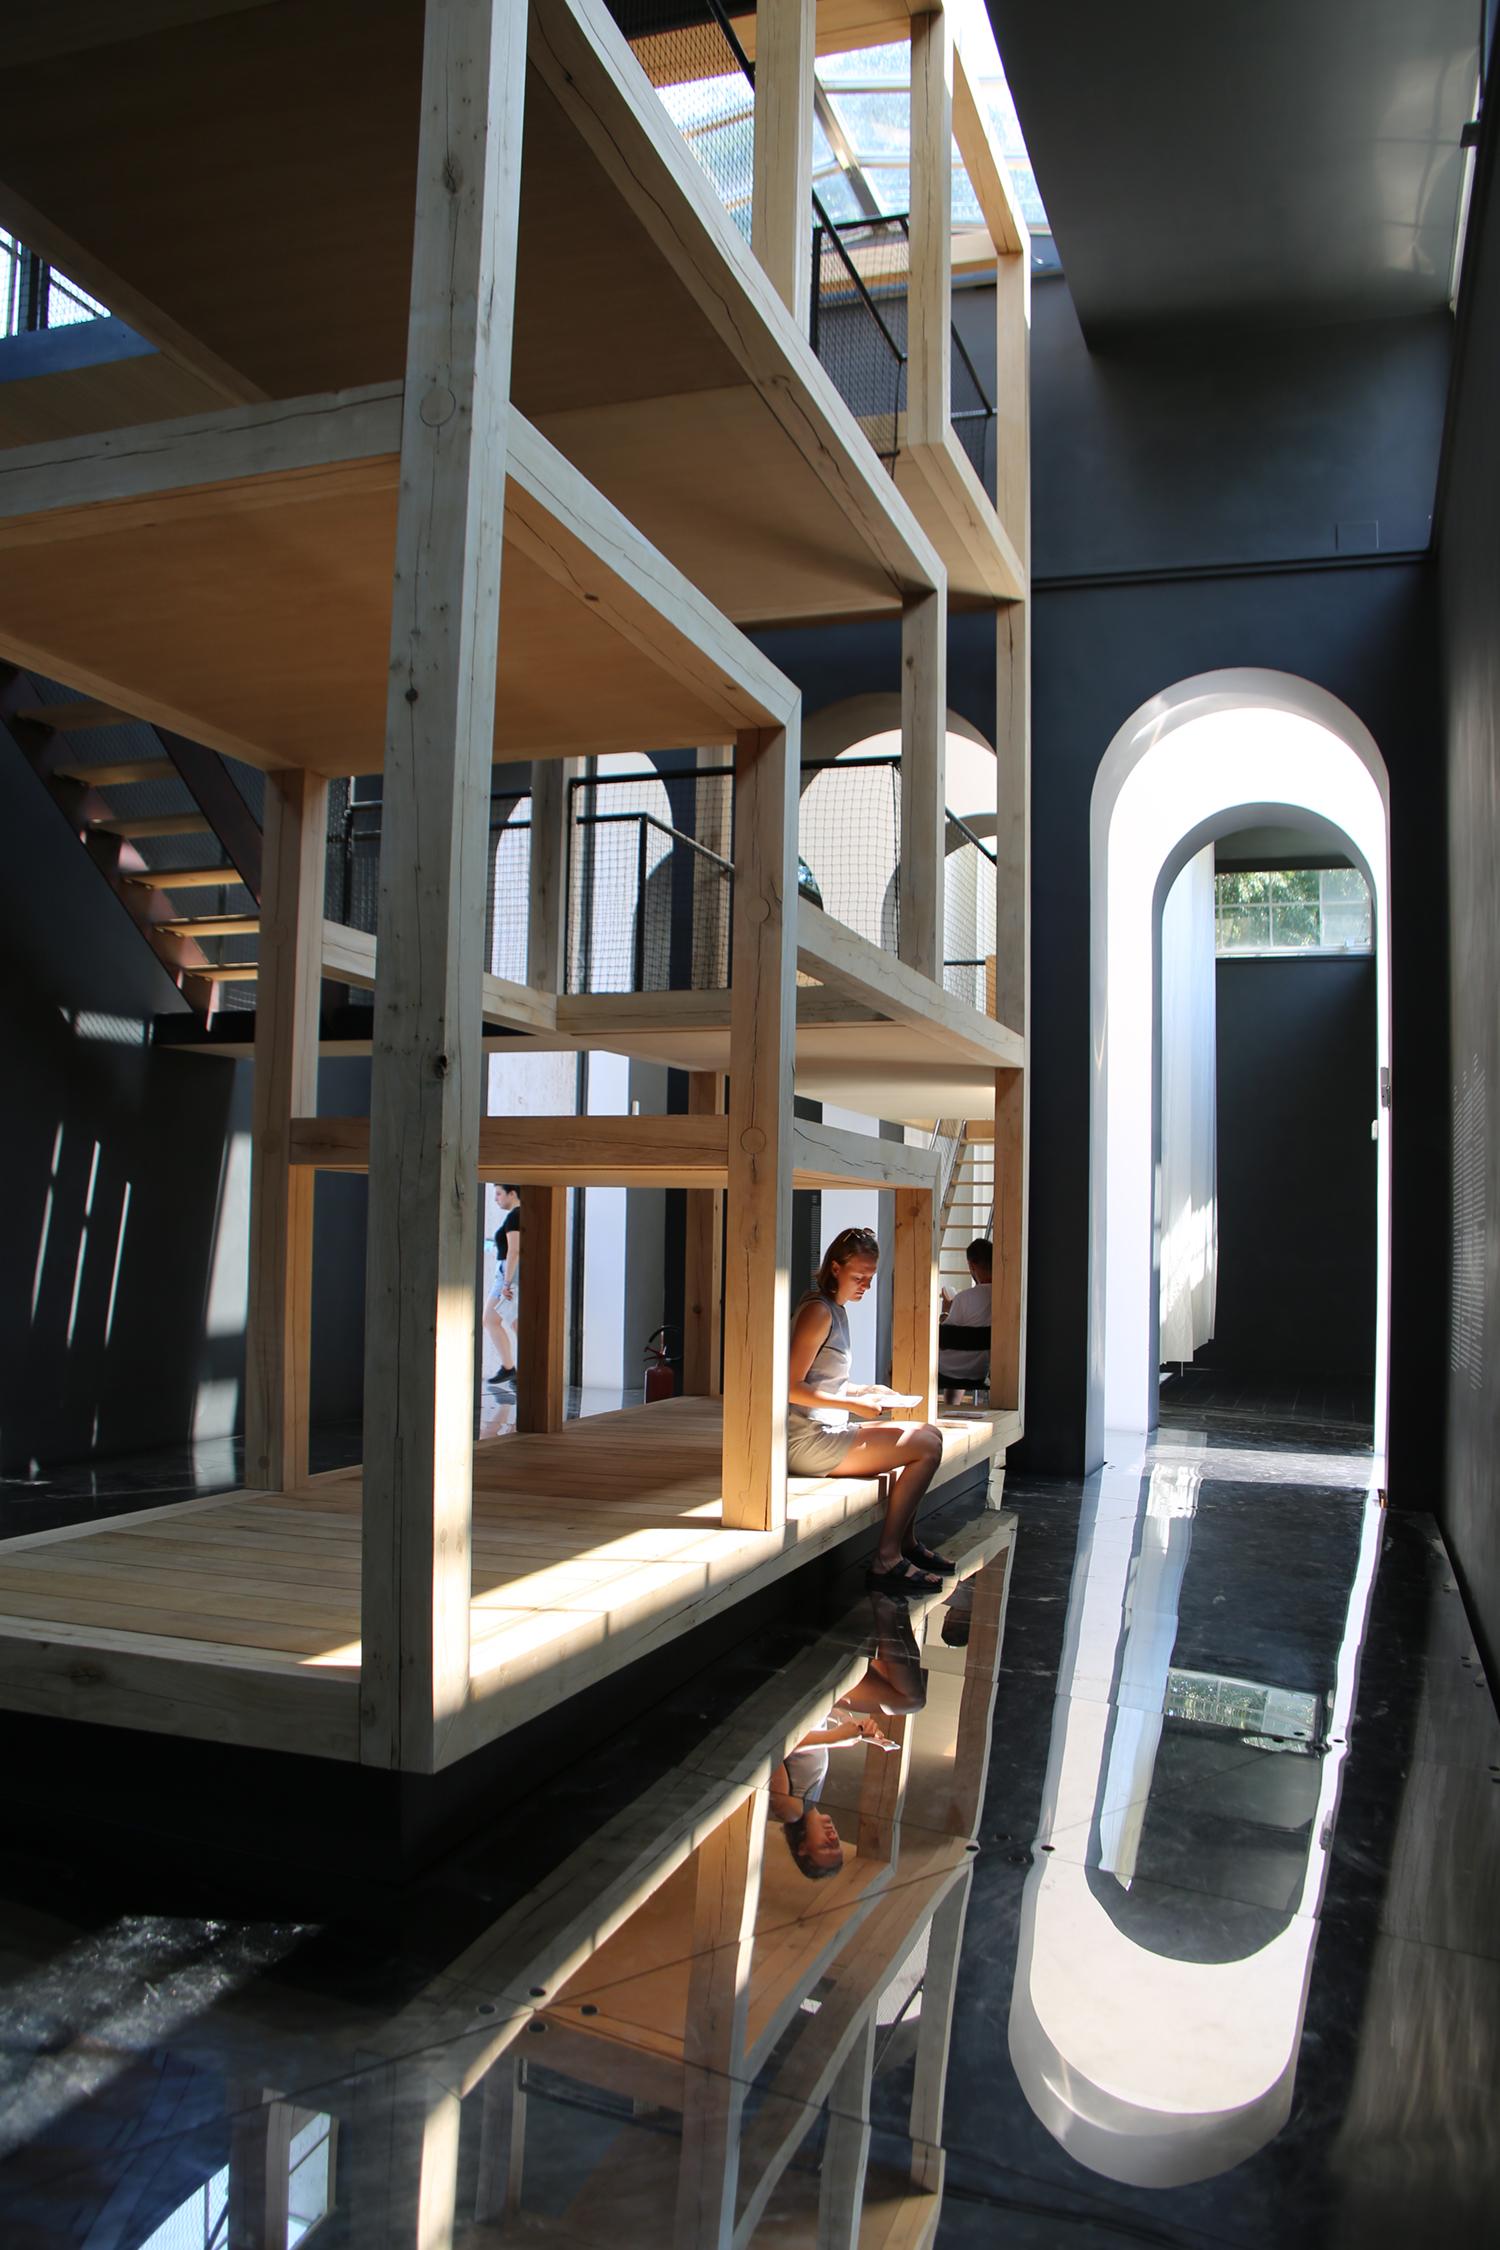 biennale architecture venise 2018 196.JPG